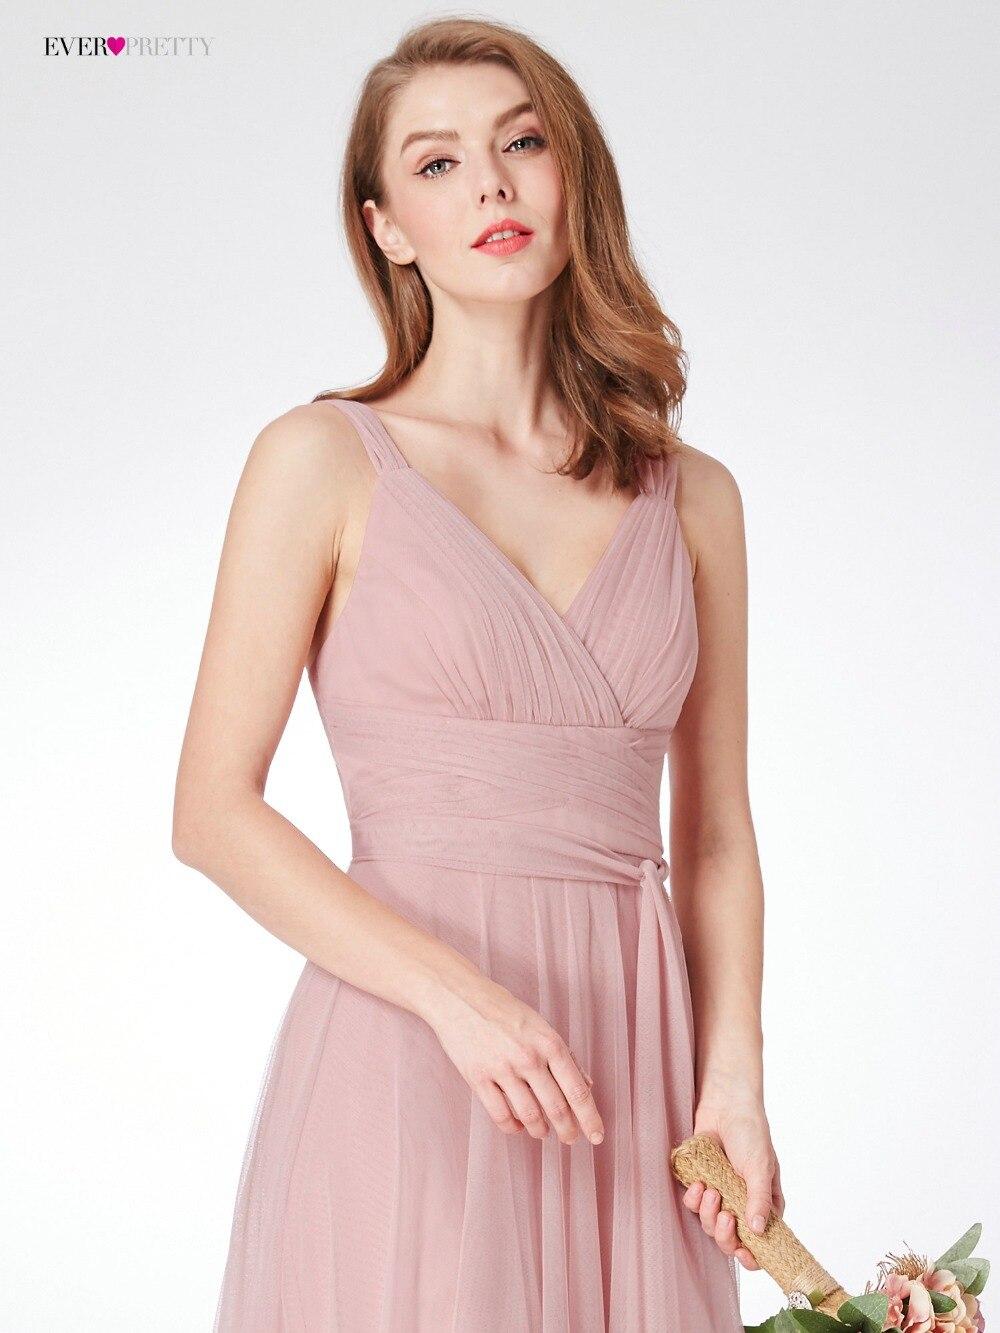 Moderno Retirarse Vestido De Fiesta Adorno - Colección del Vestido ...